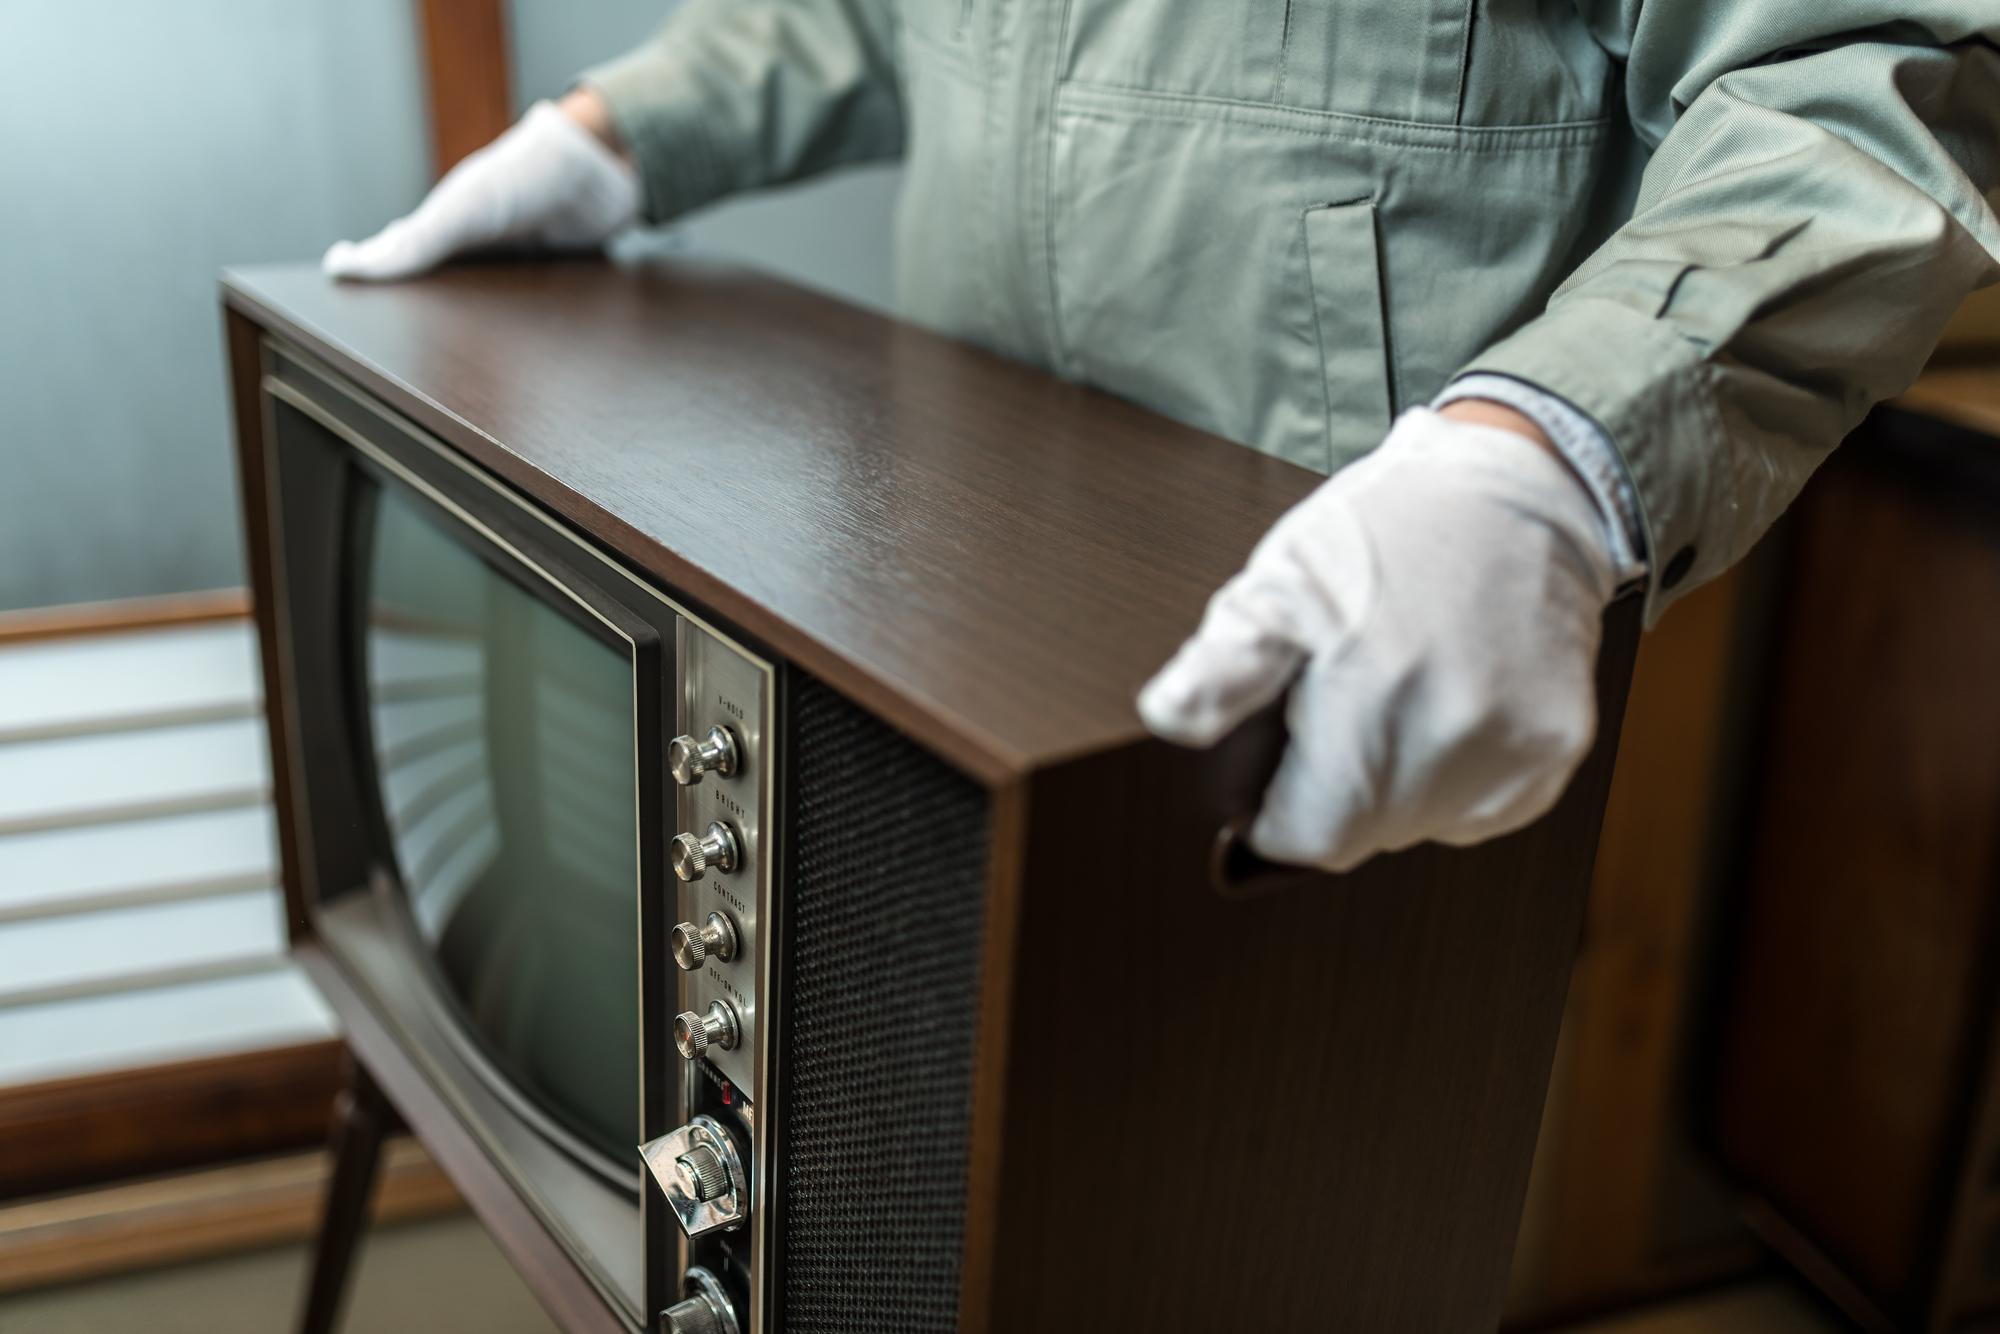 遺品整理 テレビ 処分 自治体